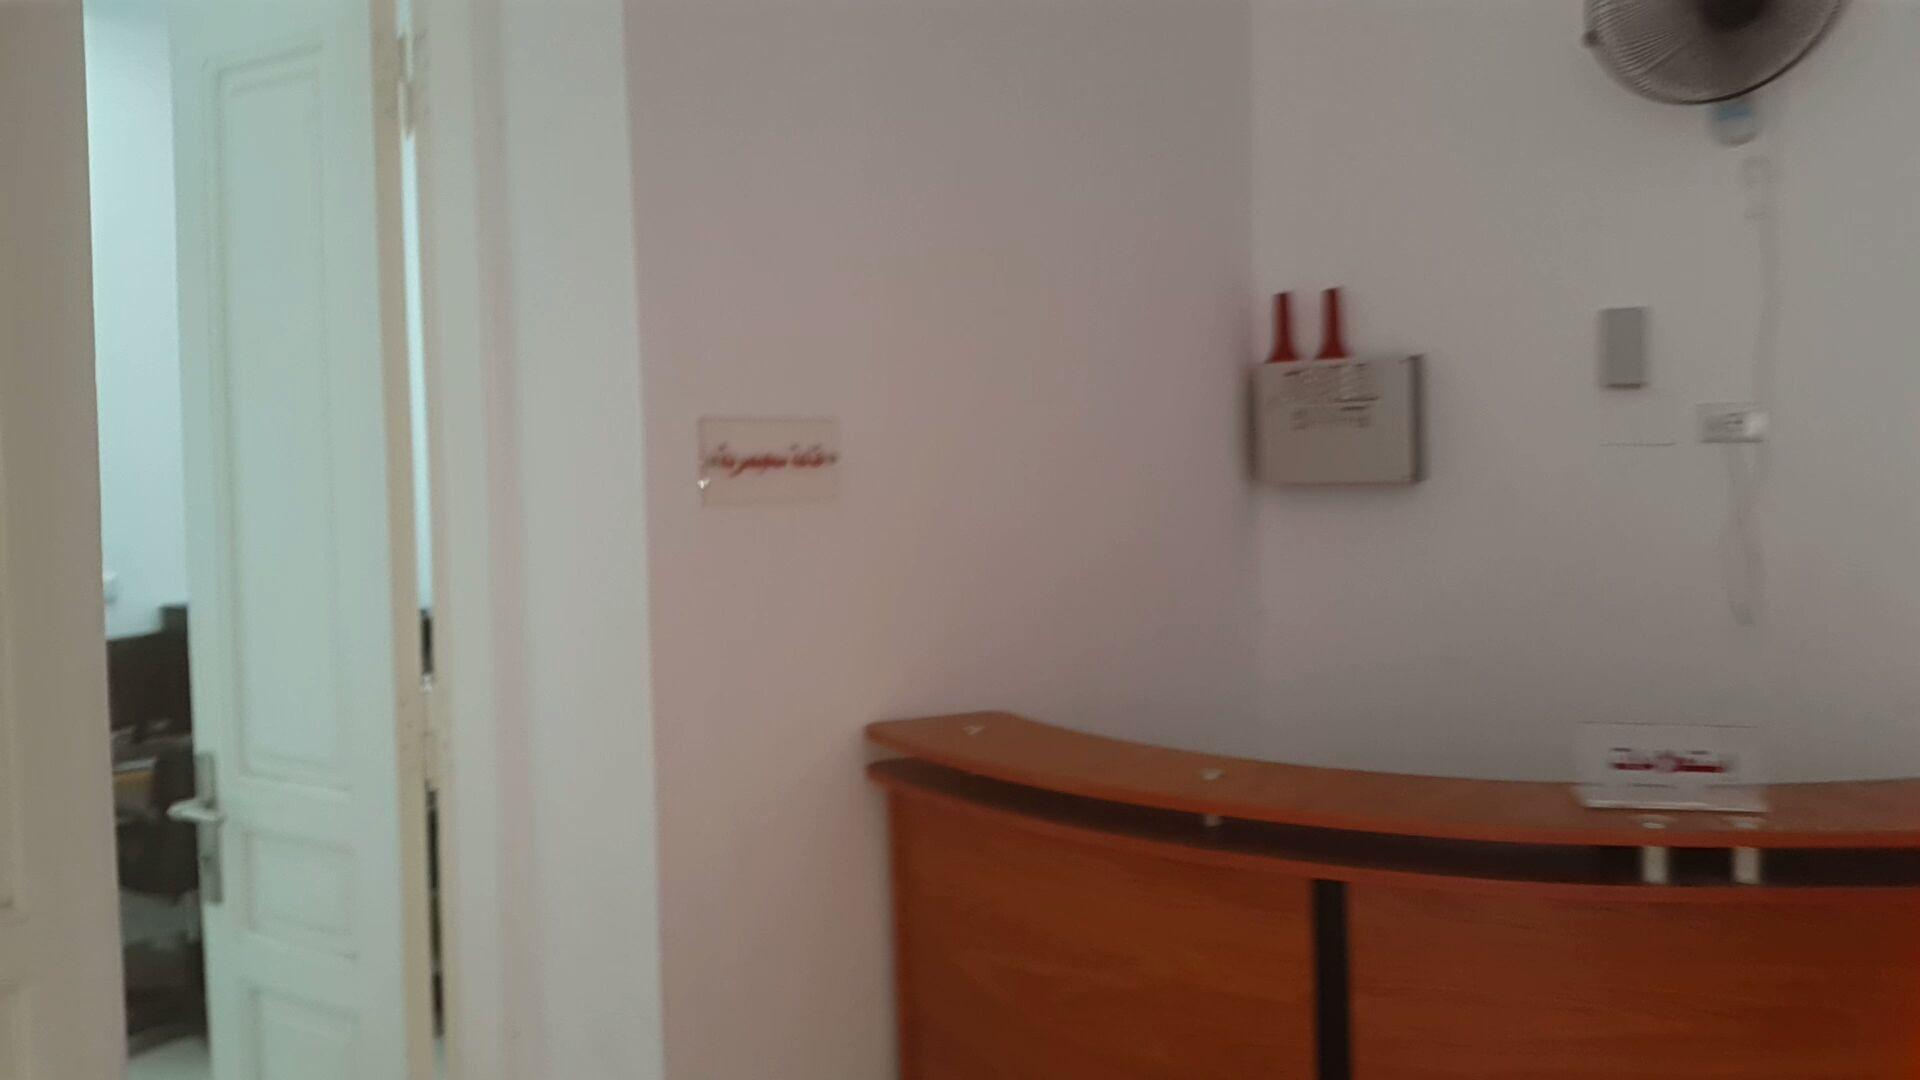 منزل الزعيم الراحل جمال عبد الناصر بالإسكندرية (6)